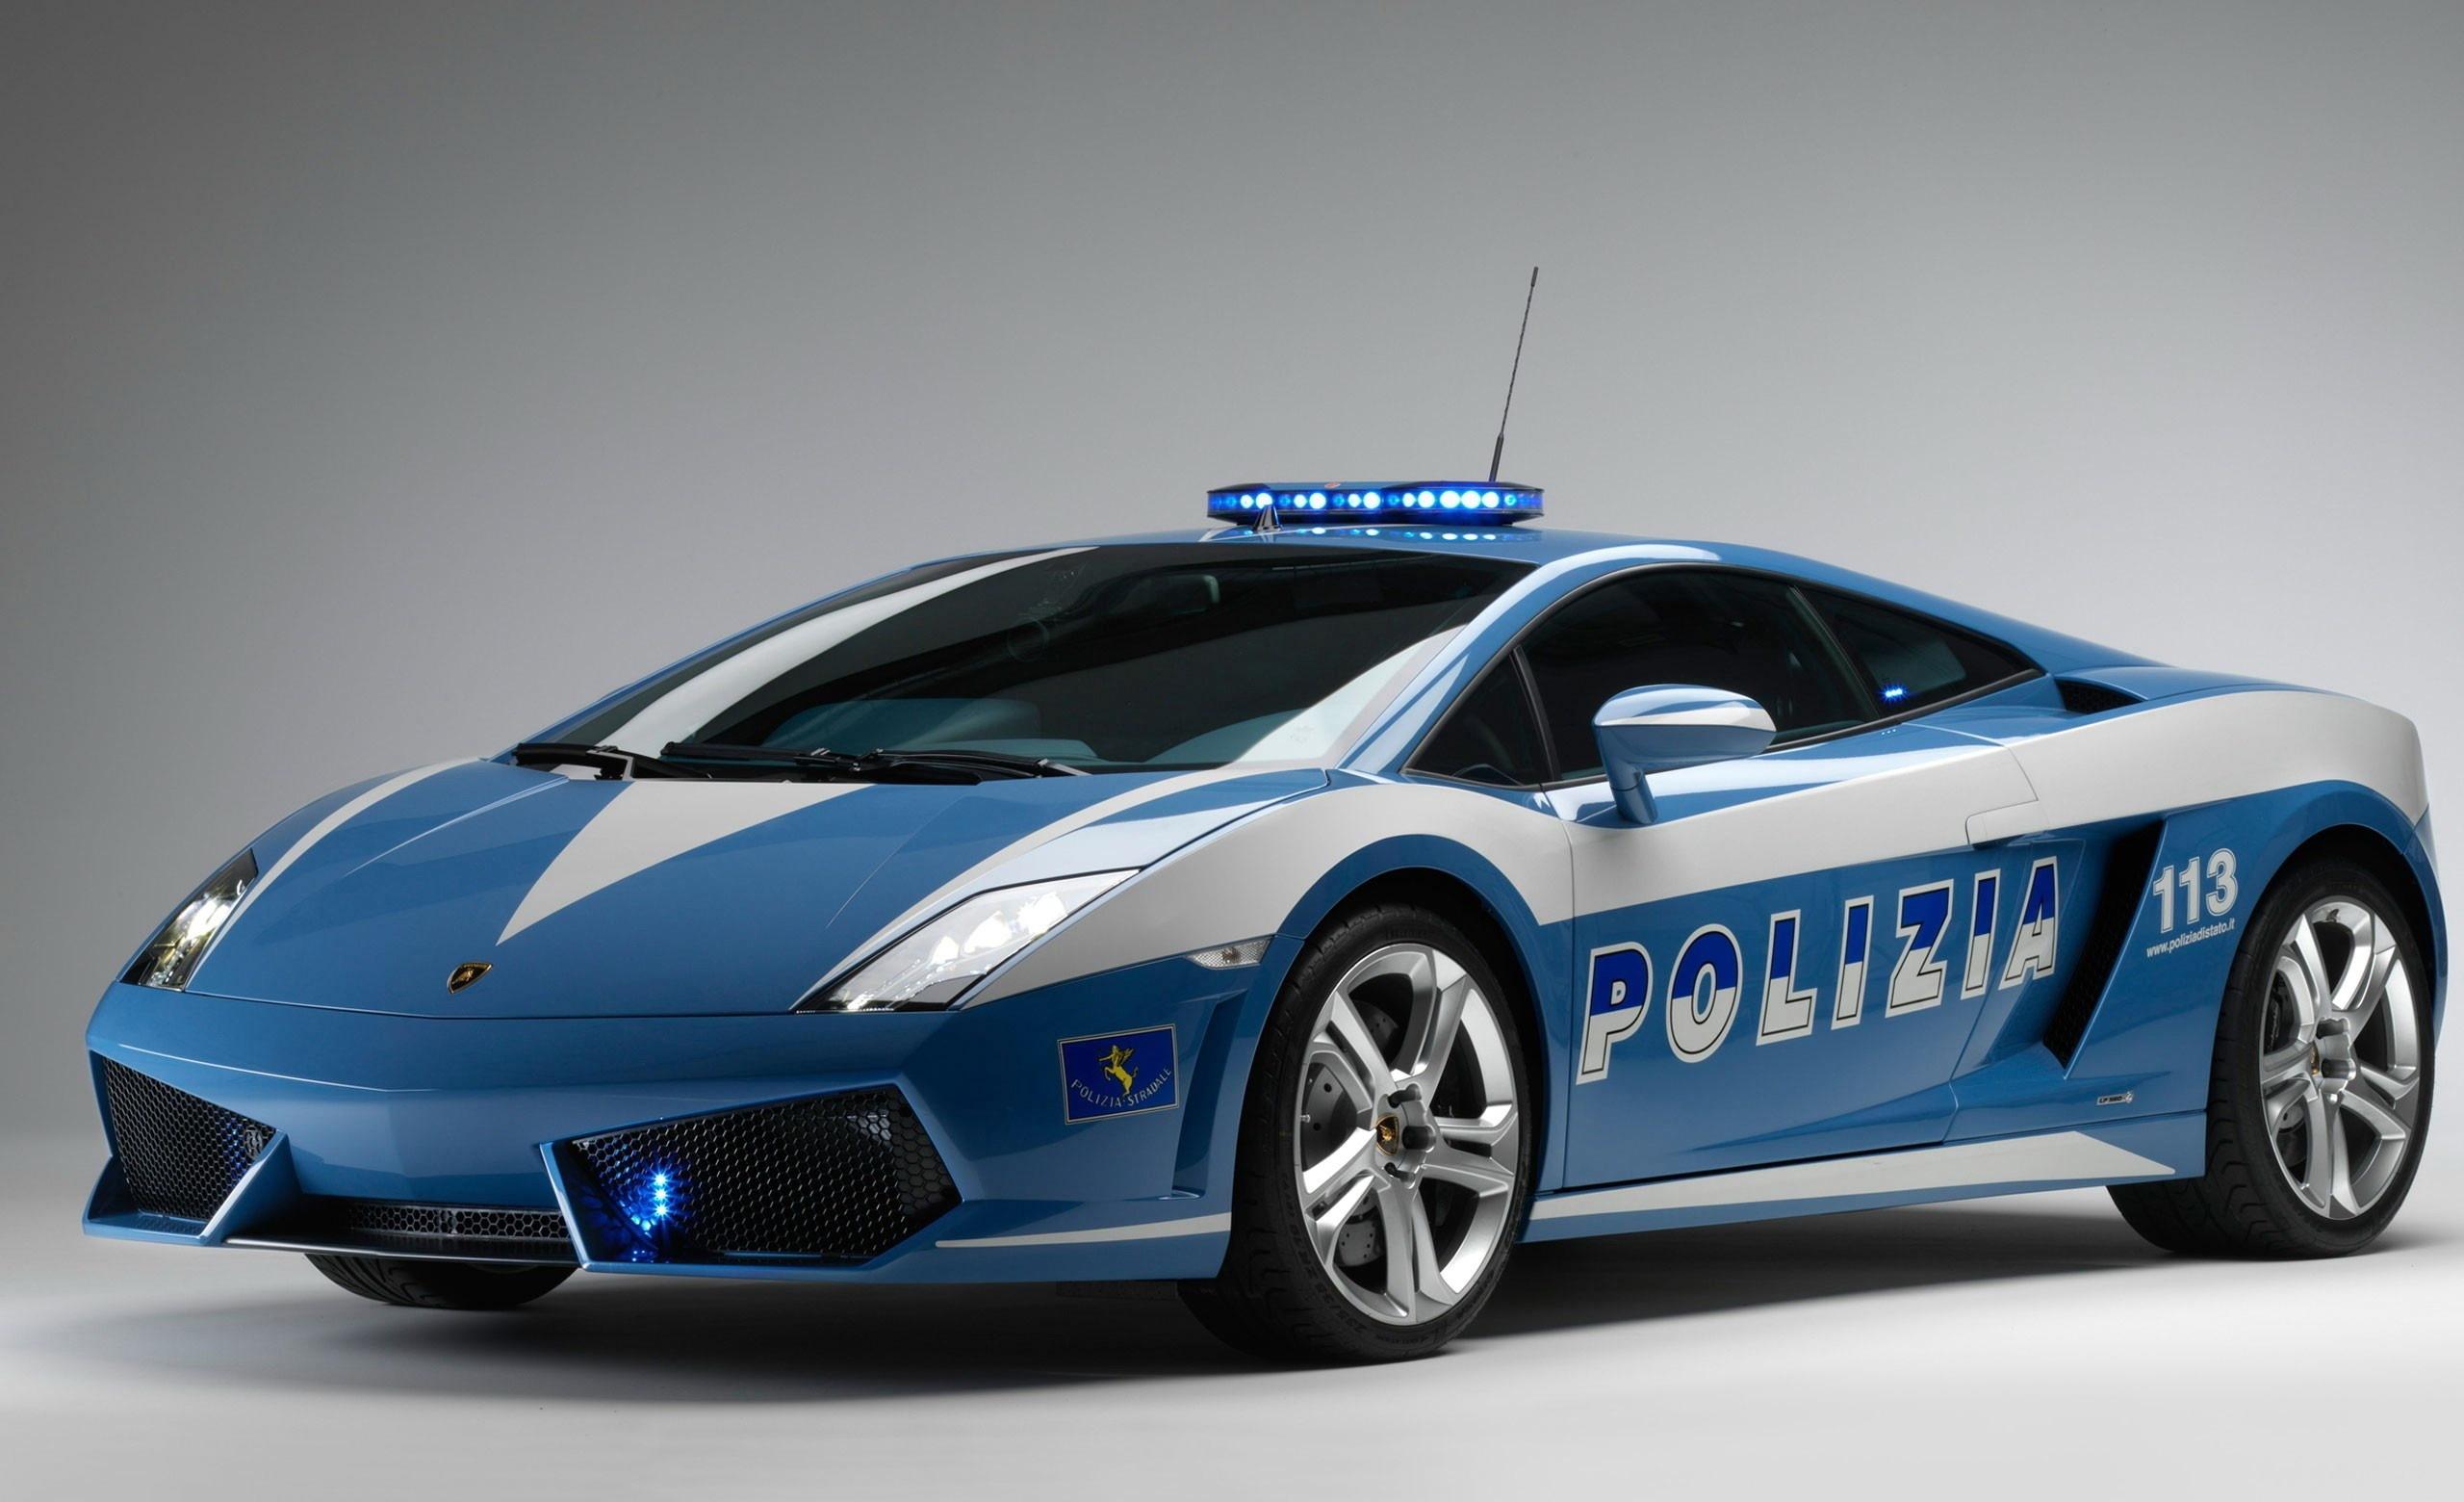 Картинки по запросу Lamborghini Gallardo полиция